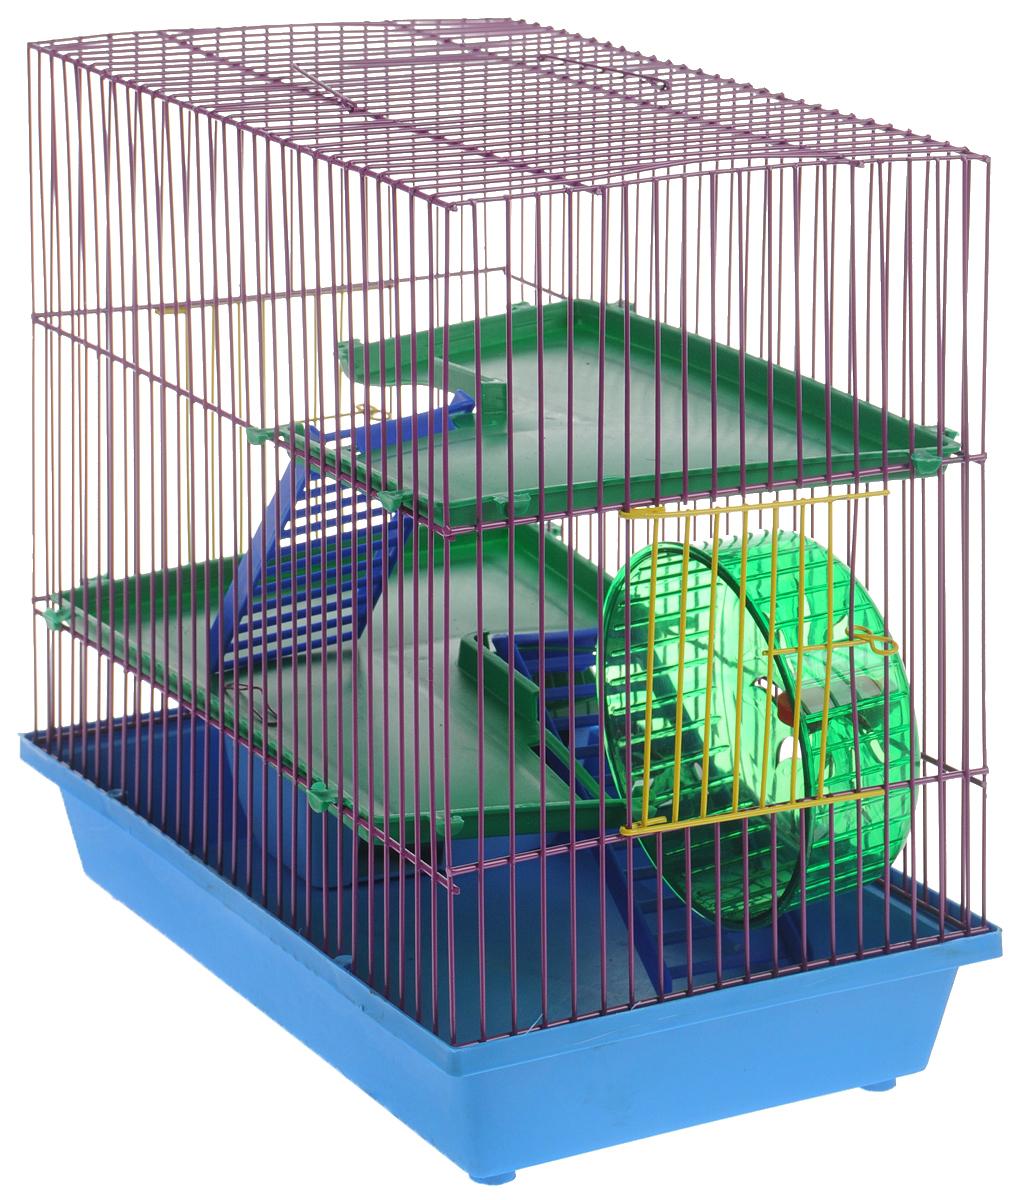 """Клетка для грызунов """"ЗооМарк"""", 3-этажная, цвет: синий поддон, красная решетка, зеленые этажи, 36 х 22,5 х 34 см"""